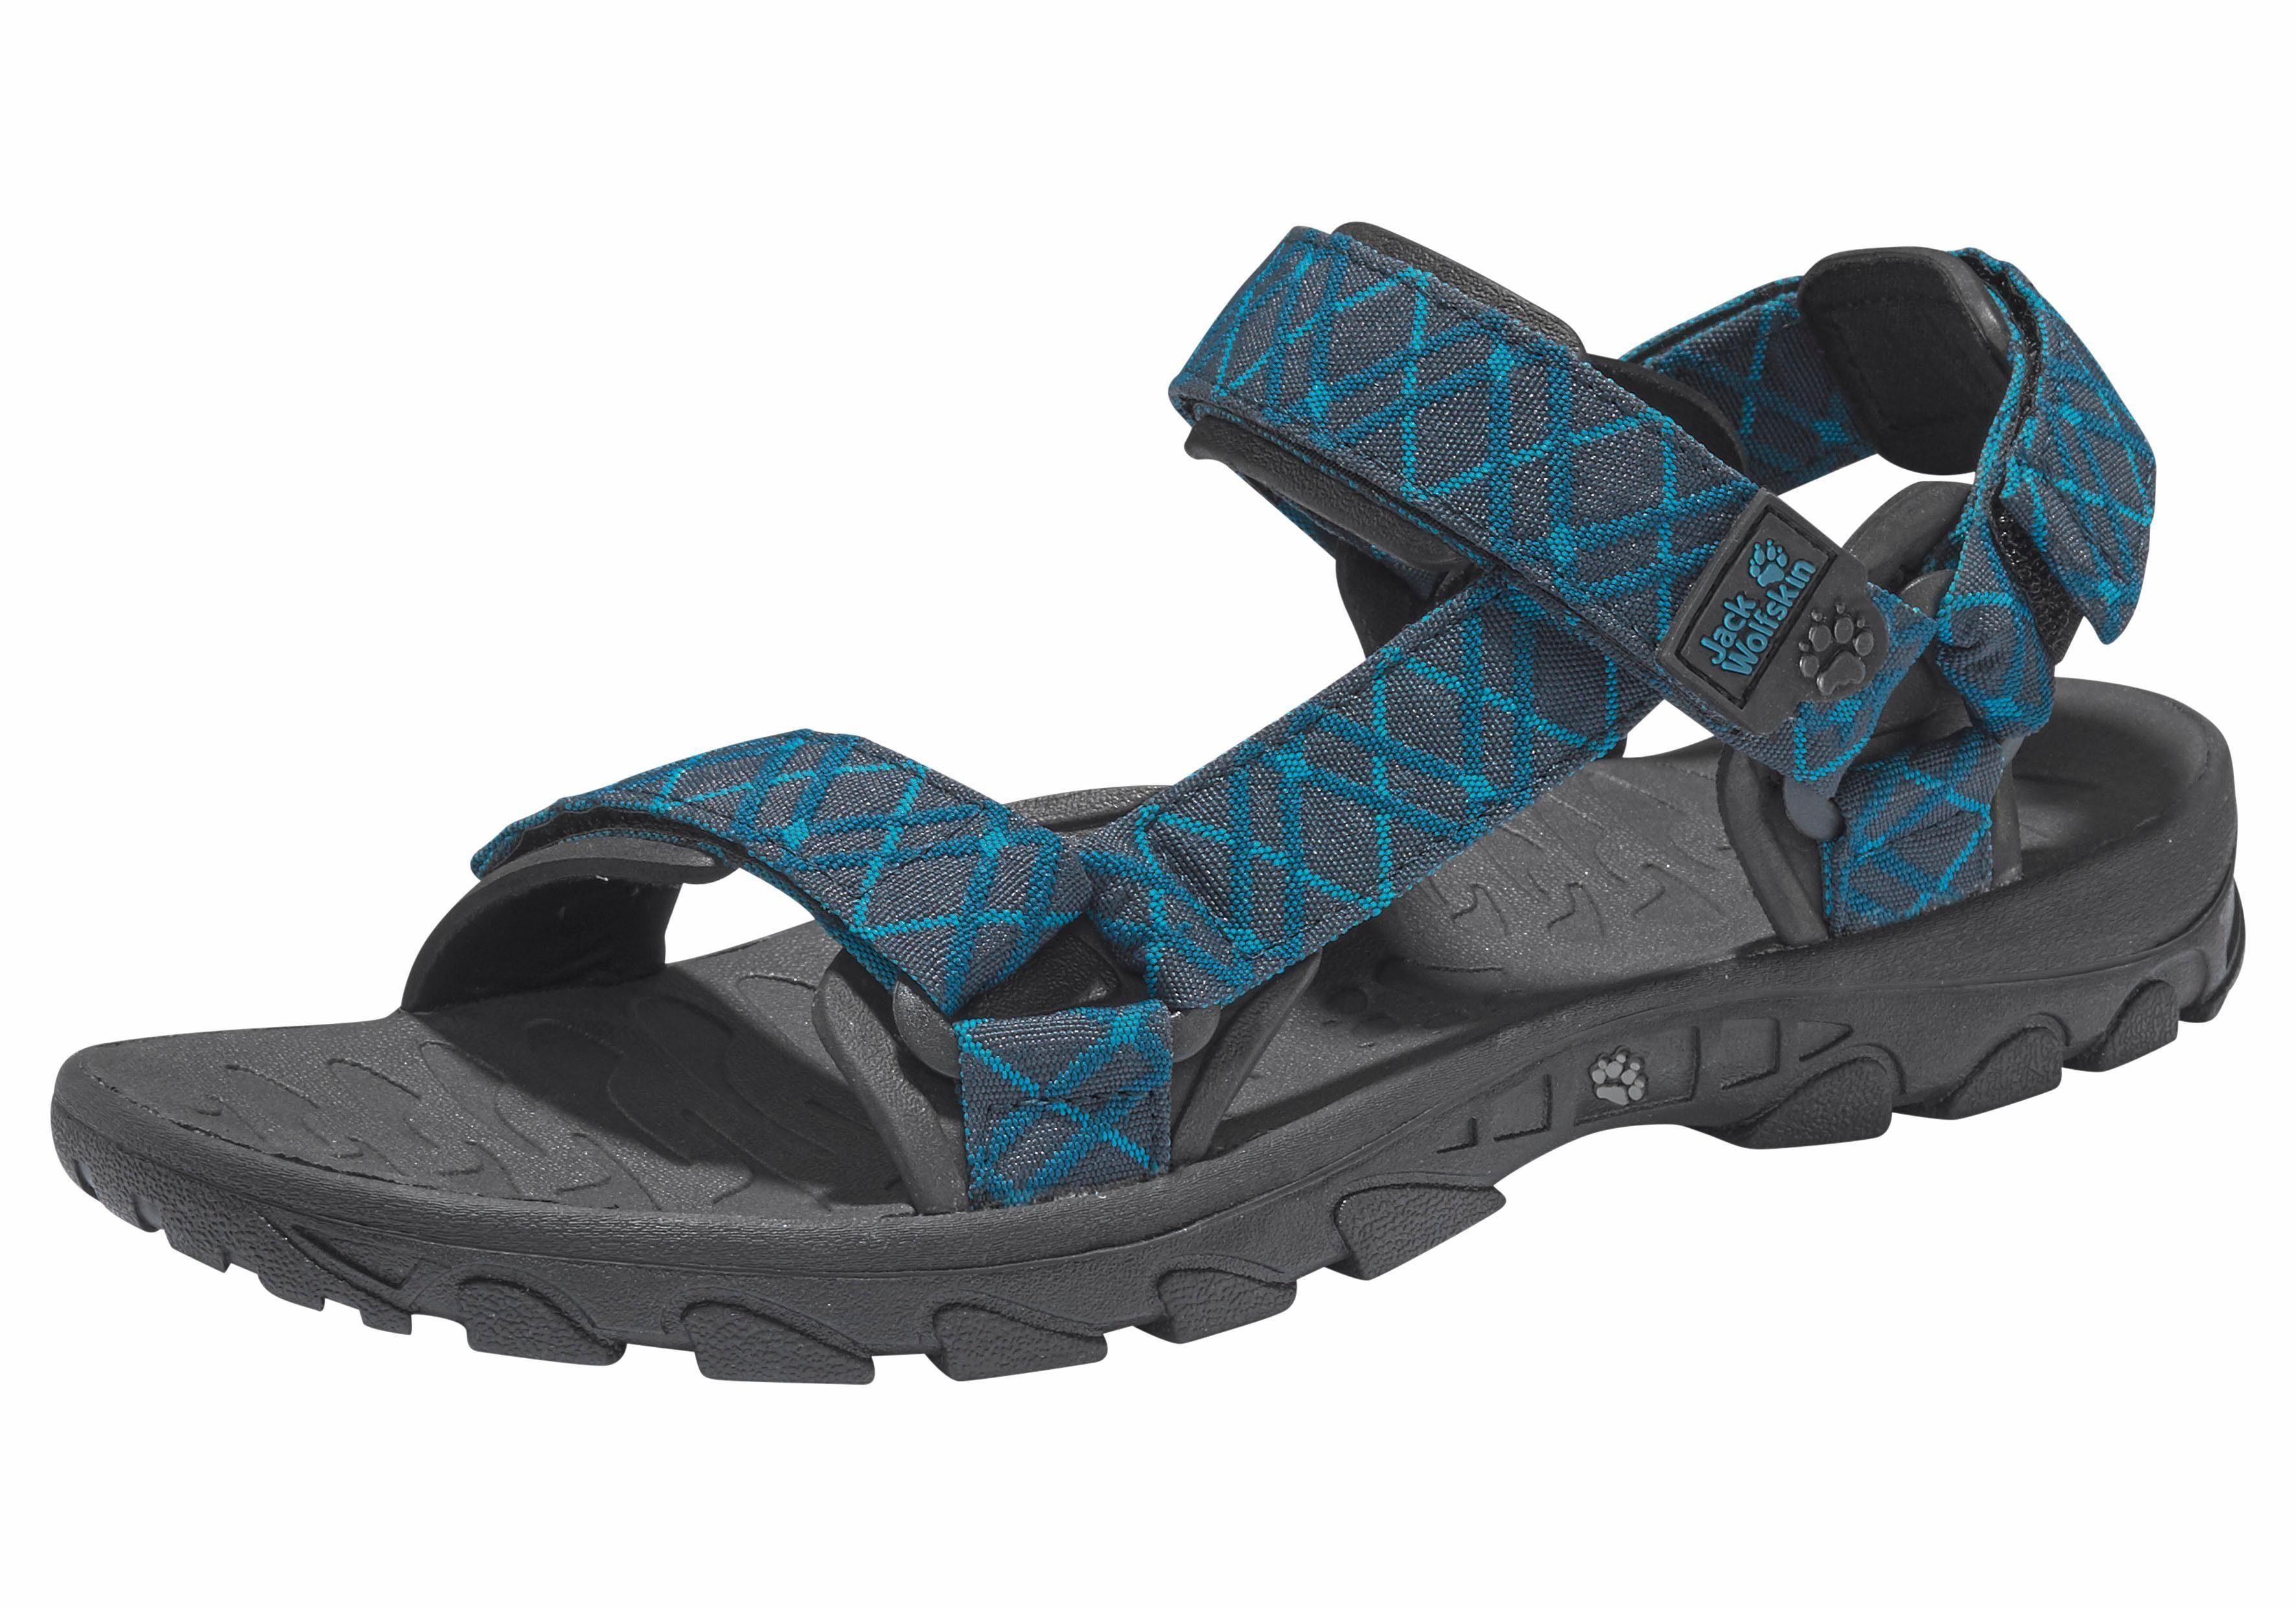 Jack Wolfskin »Wildwaters Sandal« Outdoorsandale, blau, 45,5 45,5